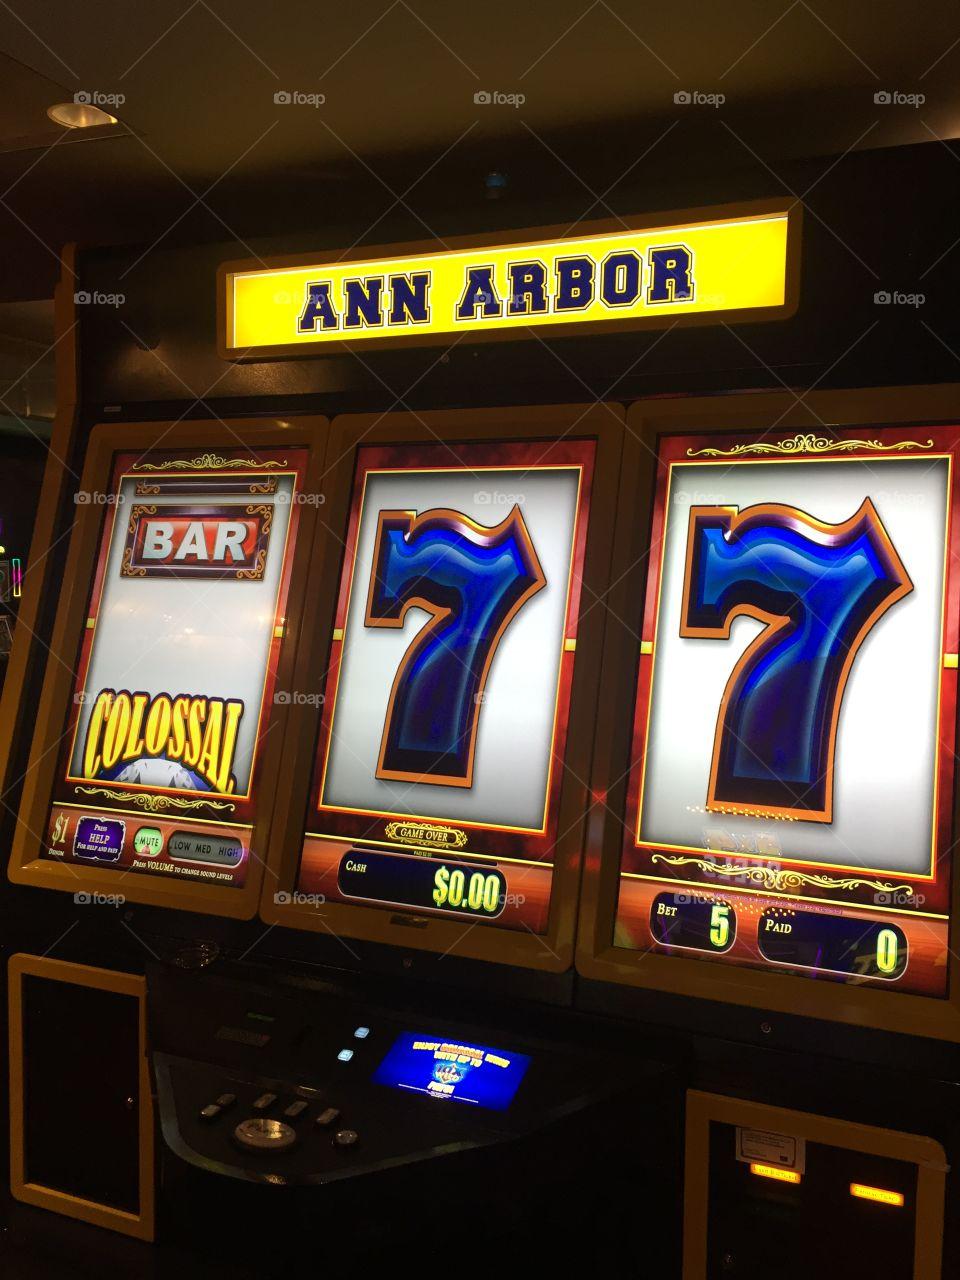 Ann Arbor Michigan in Vegas